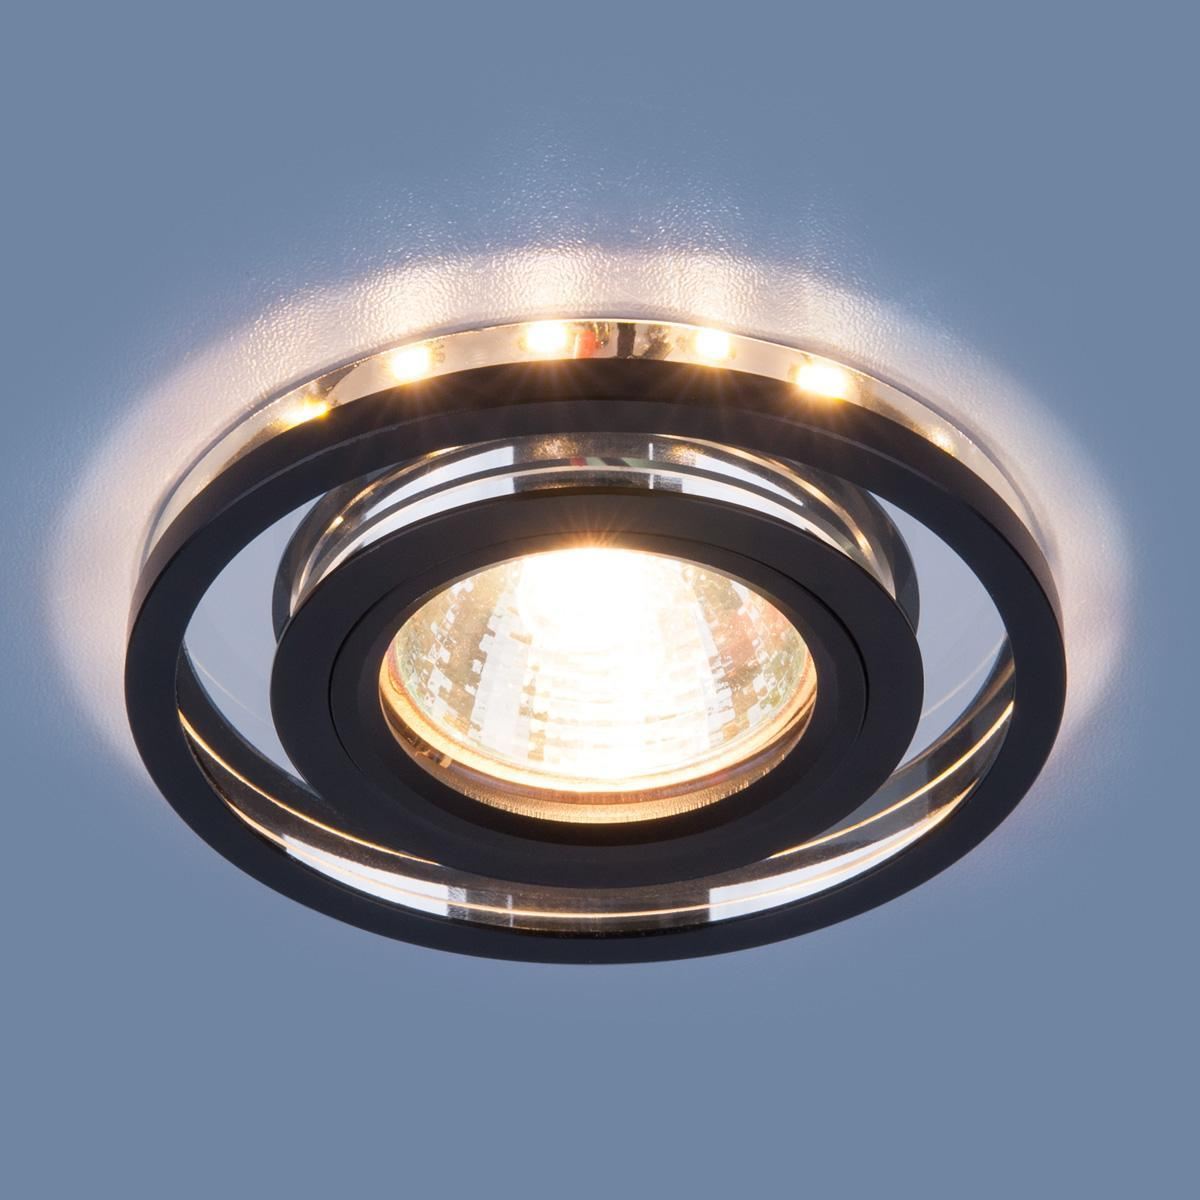 Встраиваемый светильник Elektrostandard 7021 MR16 SL/BK зеркальный/черный 4690389099328